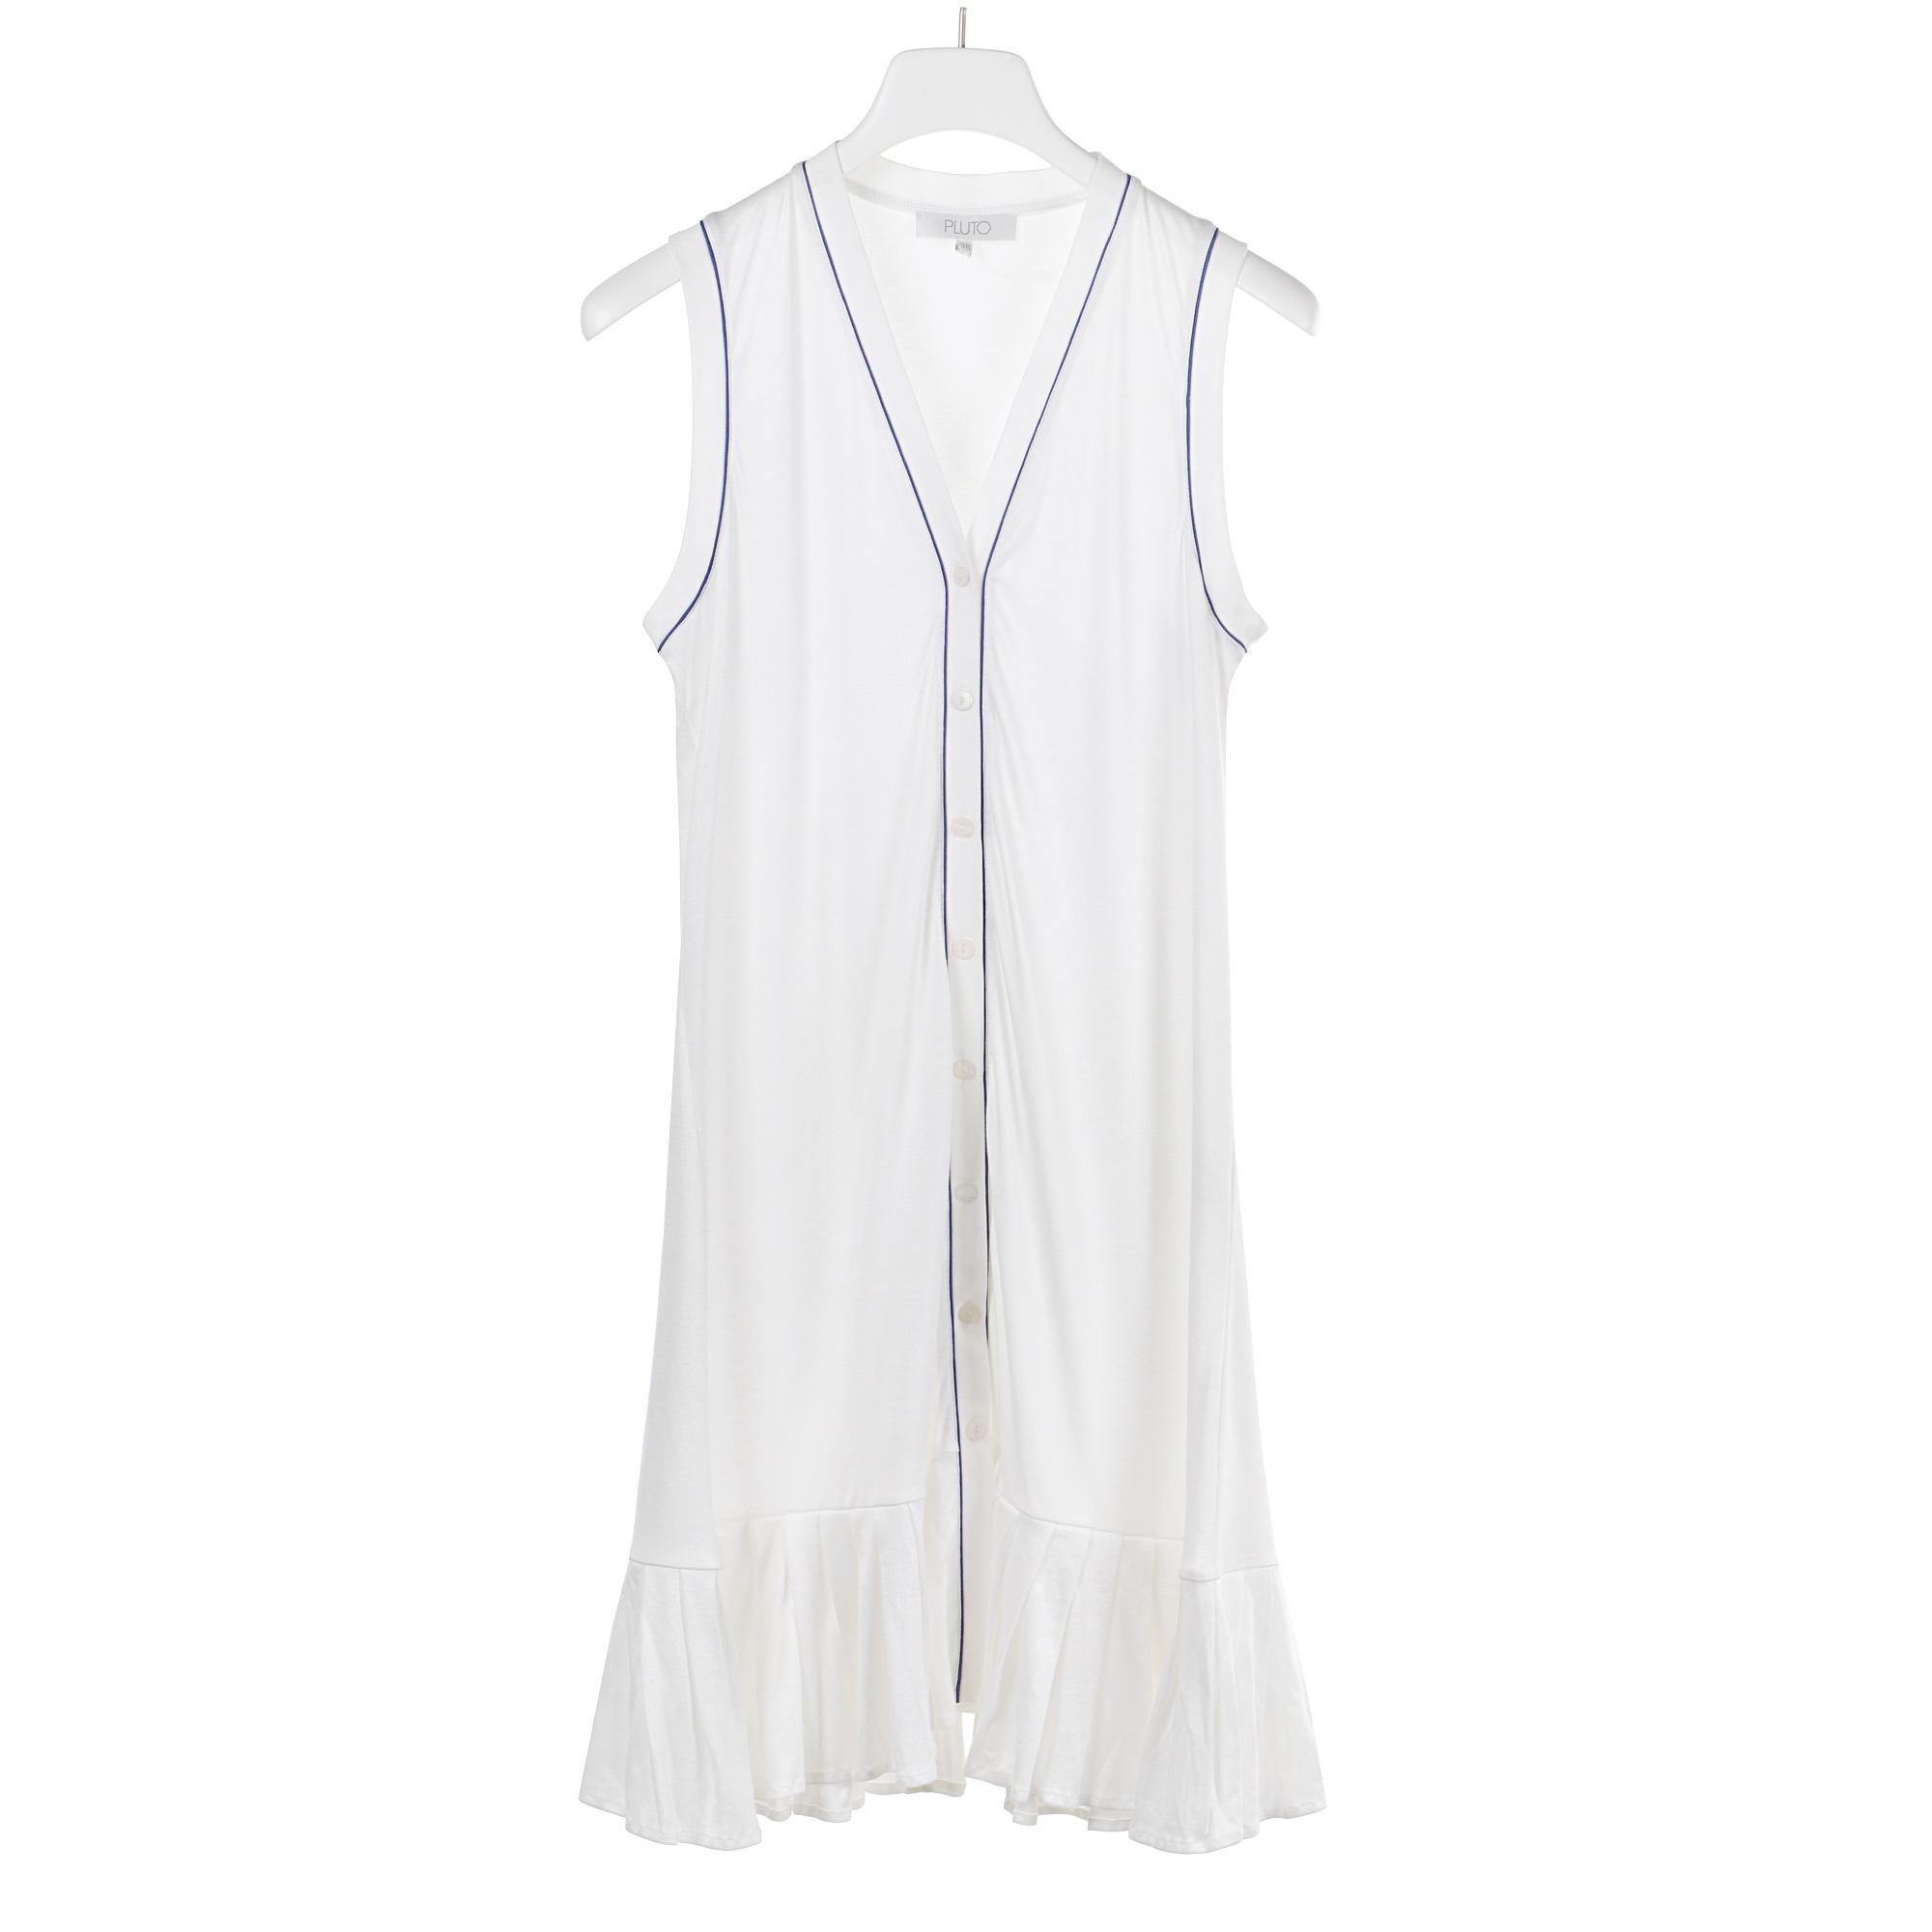 Платье женское для дома Pluto трикотажное S недорого